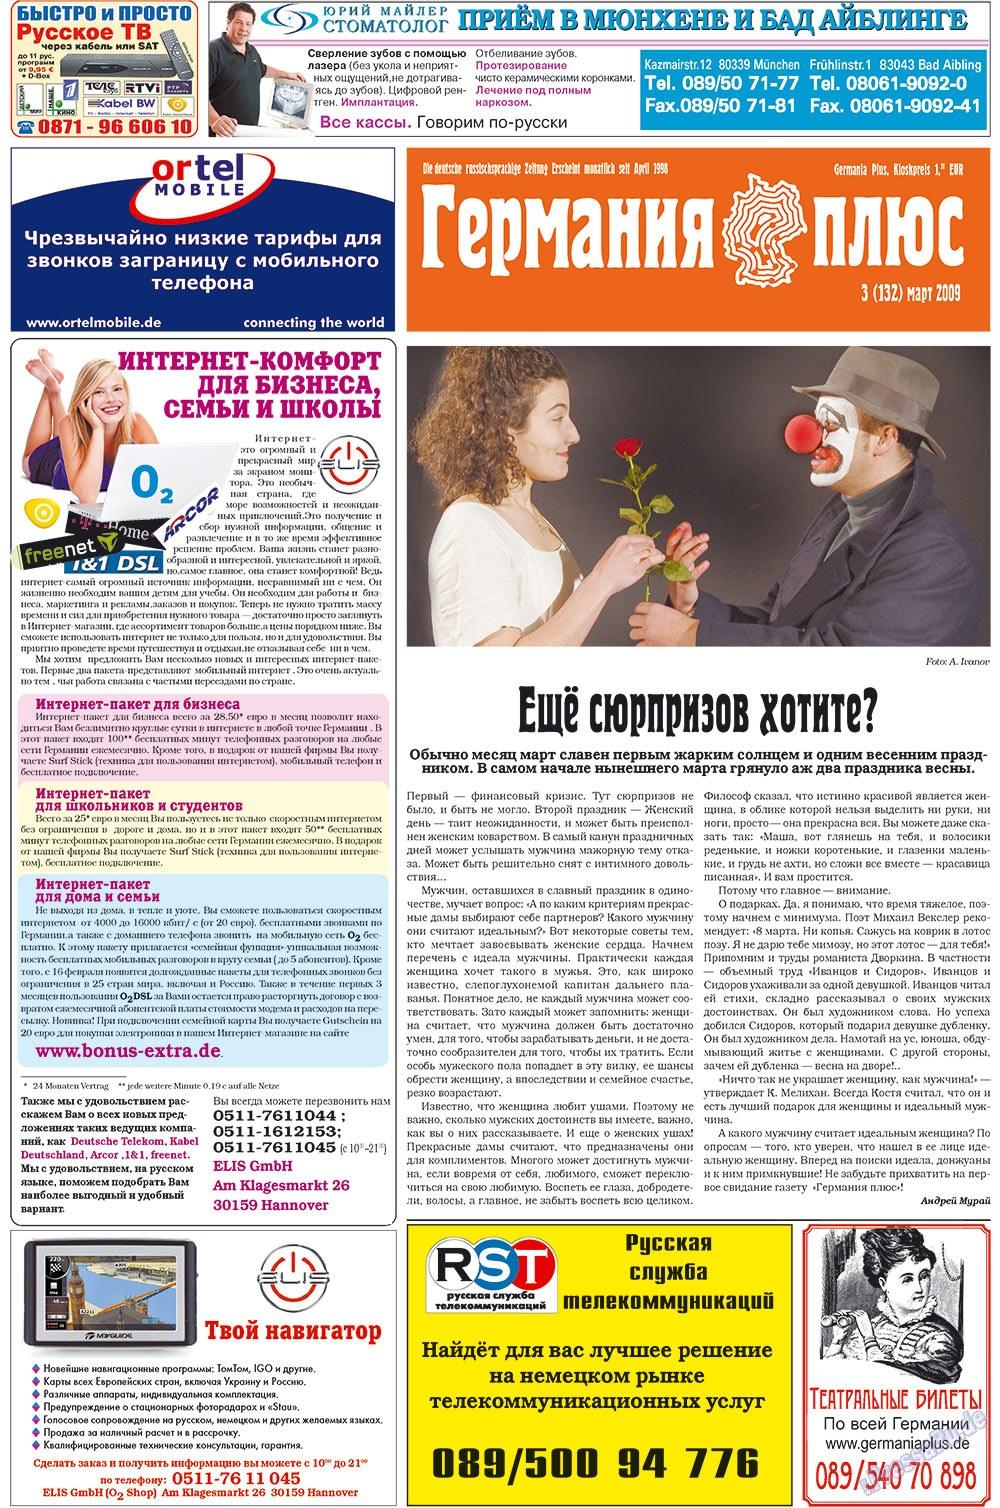 Германия плюс (газета). 2009 год, номер 3, стр. 1